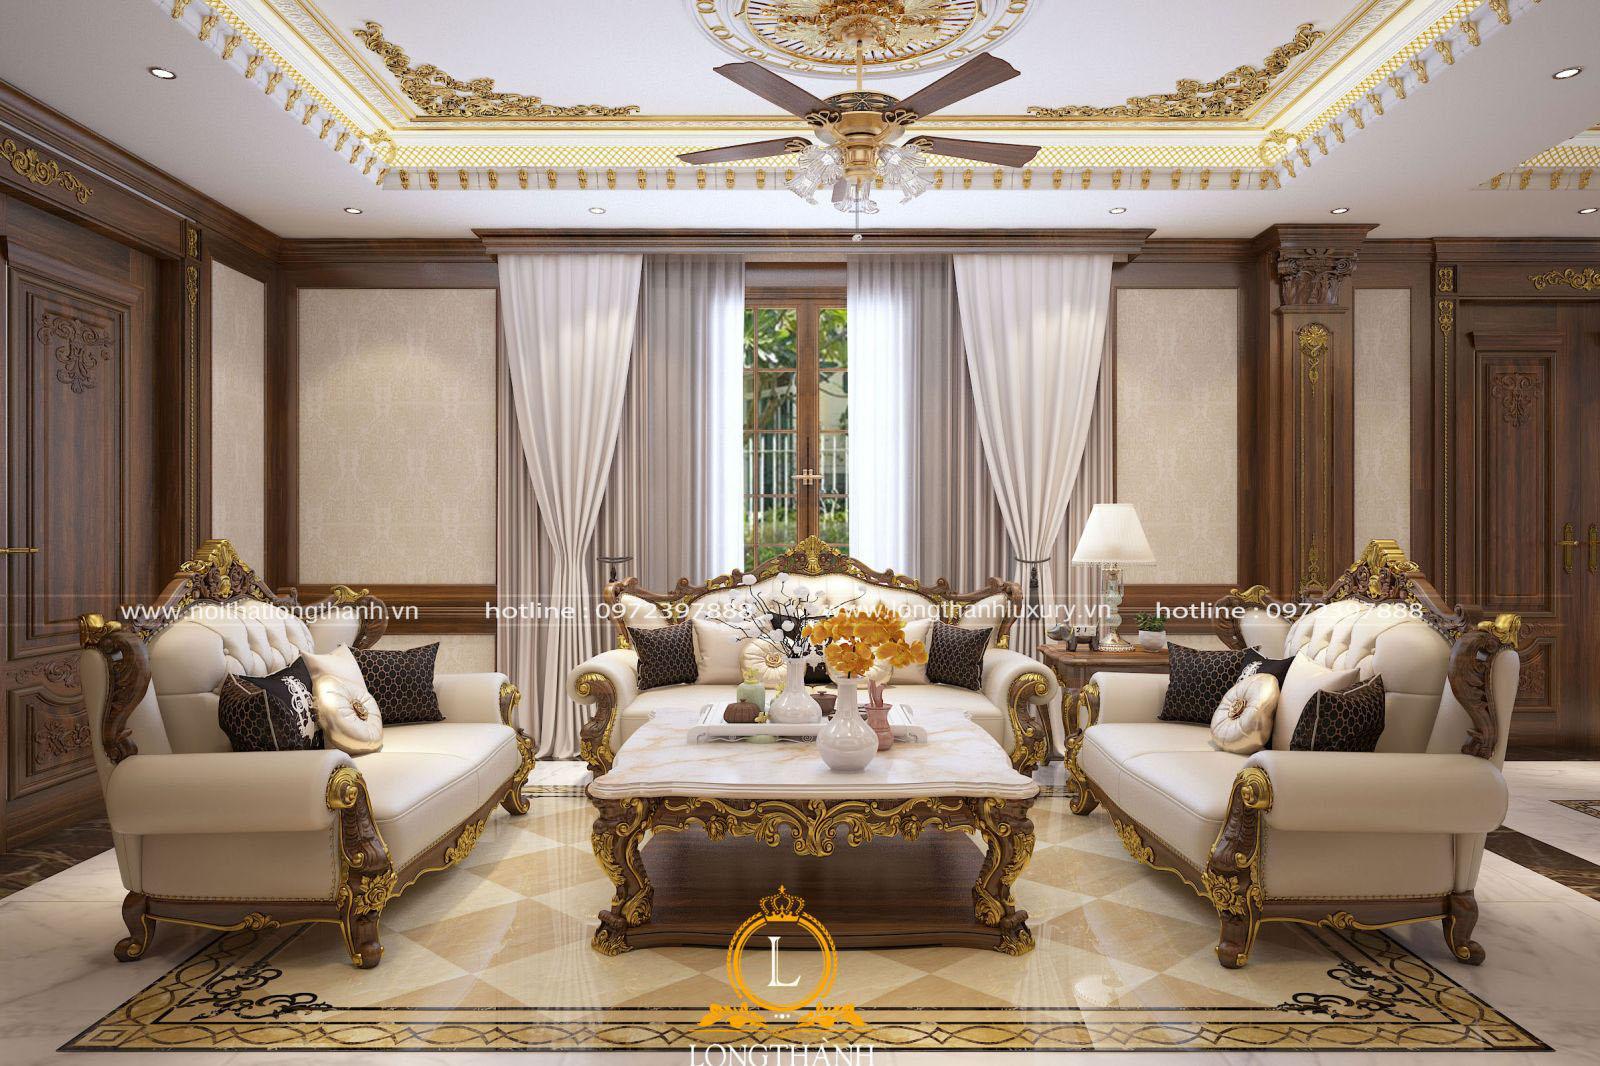 Thiết kế không gian nội thất phòng khách nhà phố